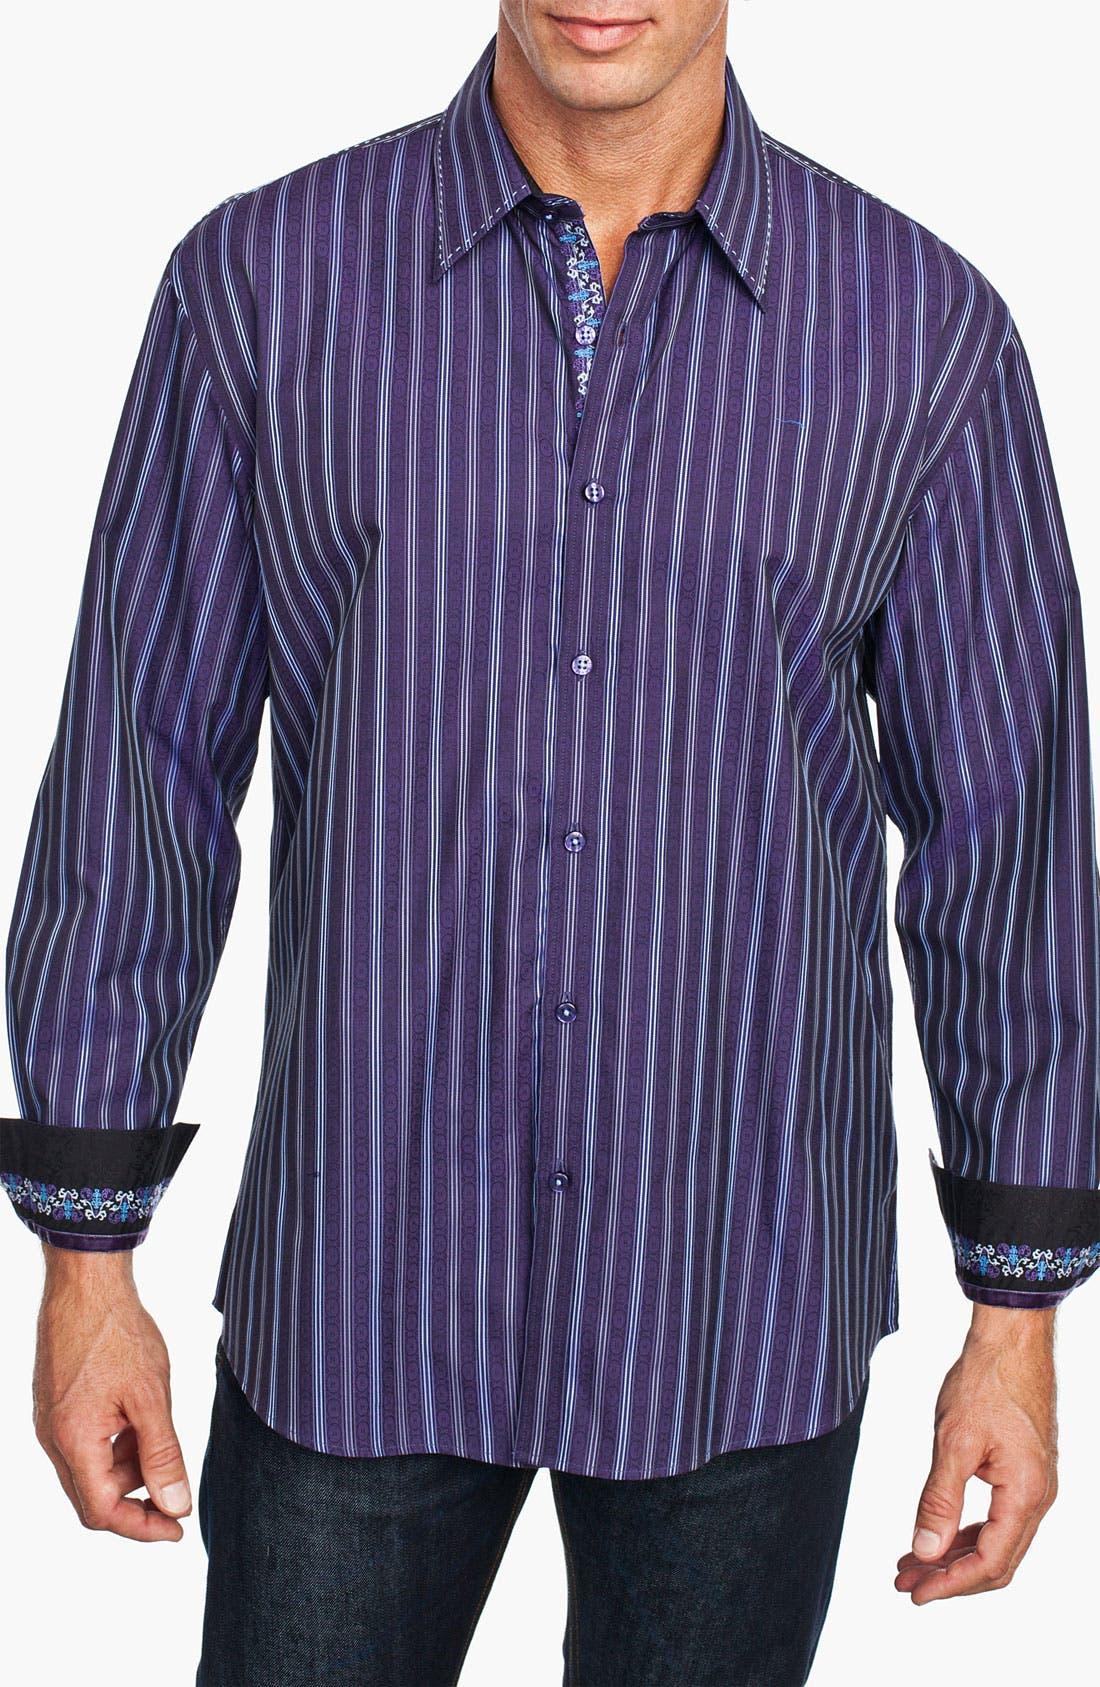 Alternate Image 1 Selected - Zagiri 'Last Tango in Paris' Sport Shirt